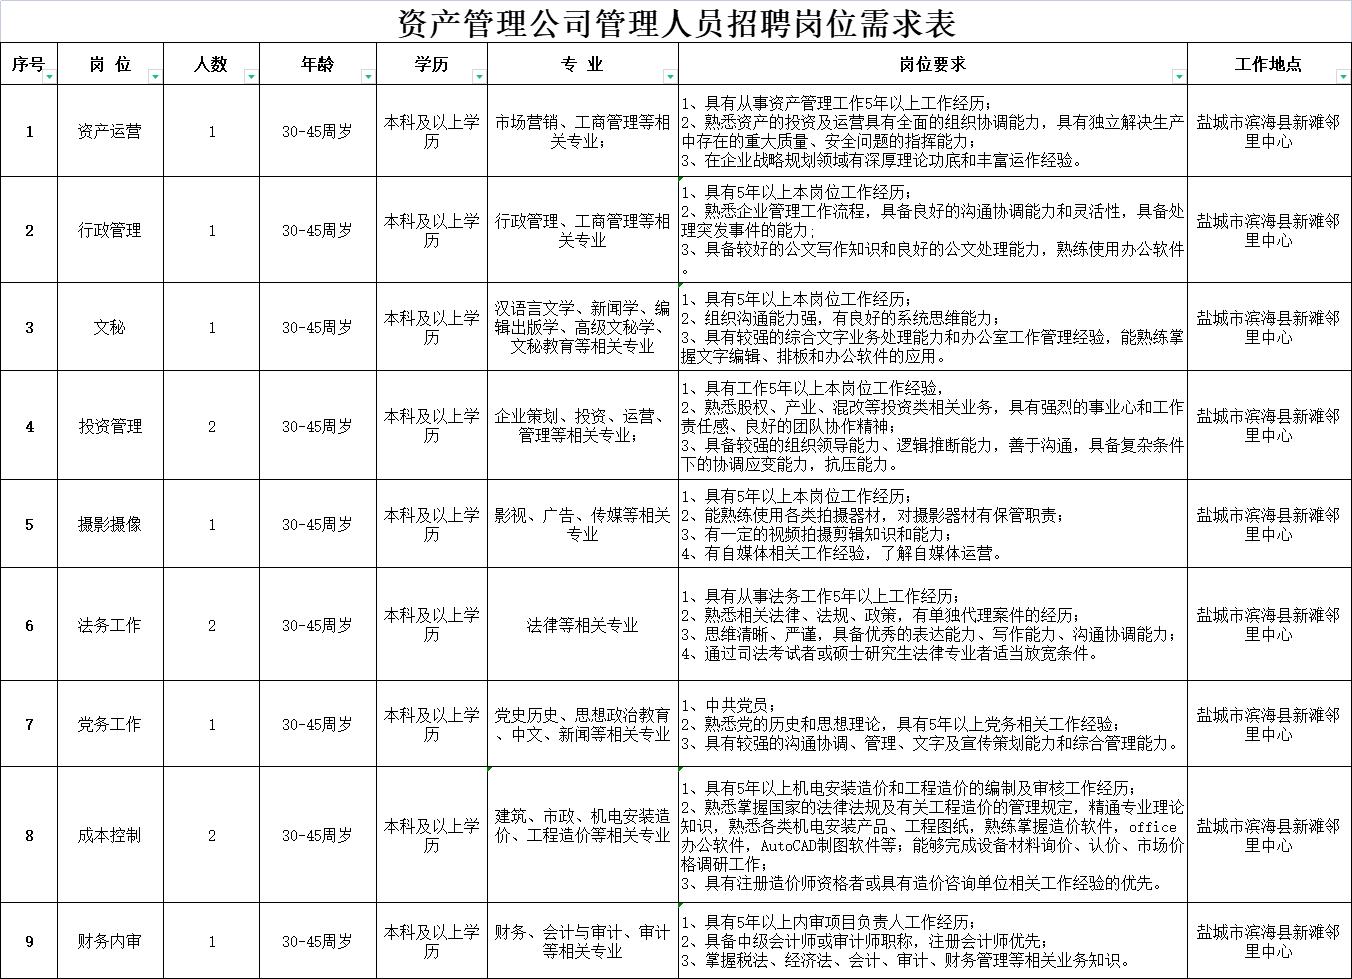 盐城市海兴滨港资产管理有限公司招聘管理人员12名